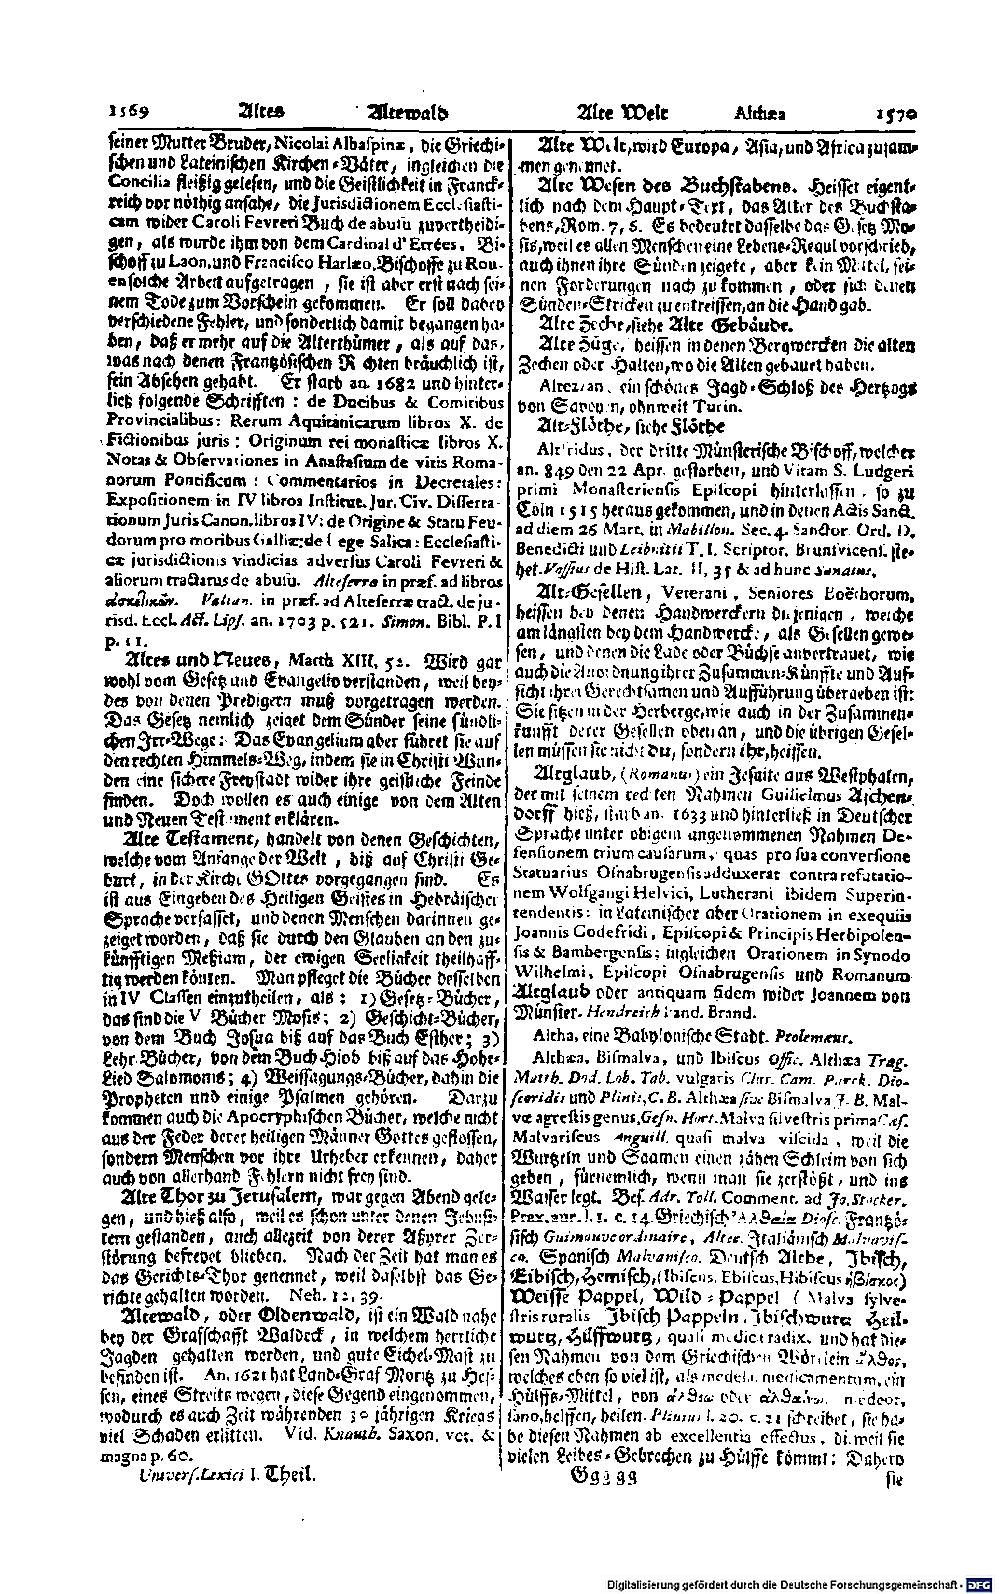 Bd. 01, Seite 0776.